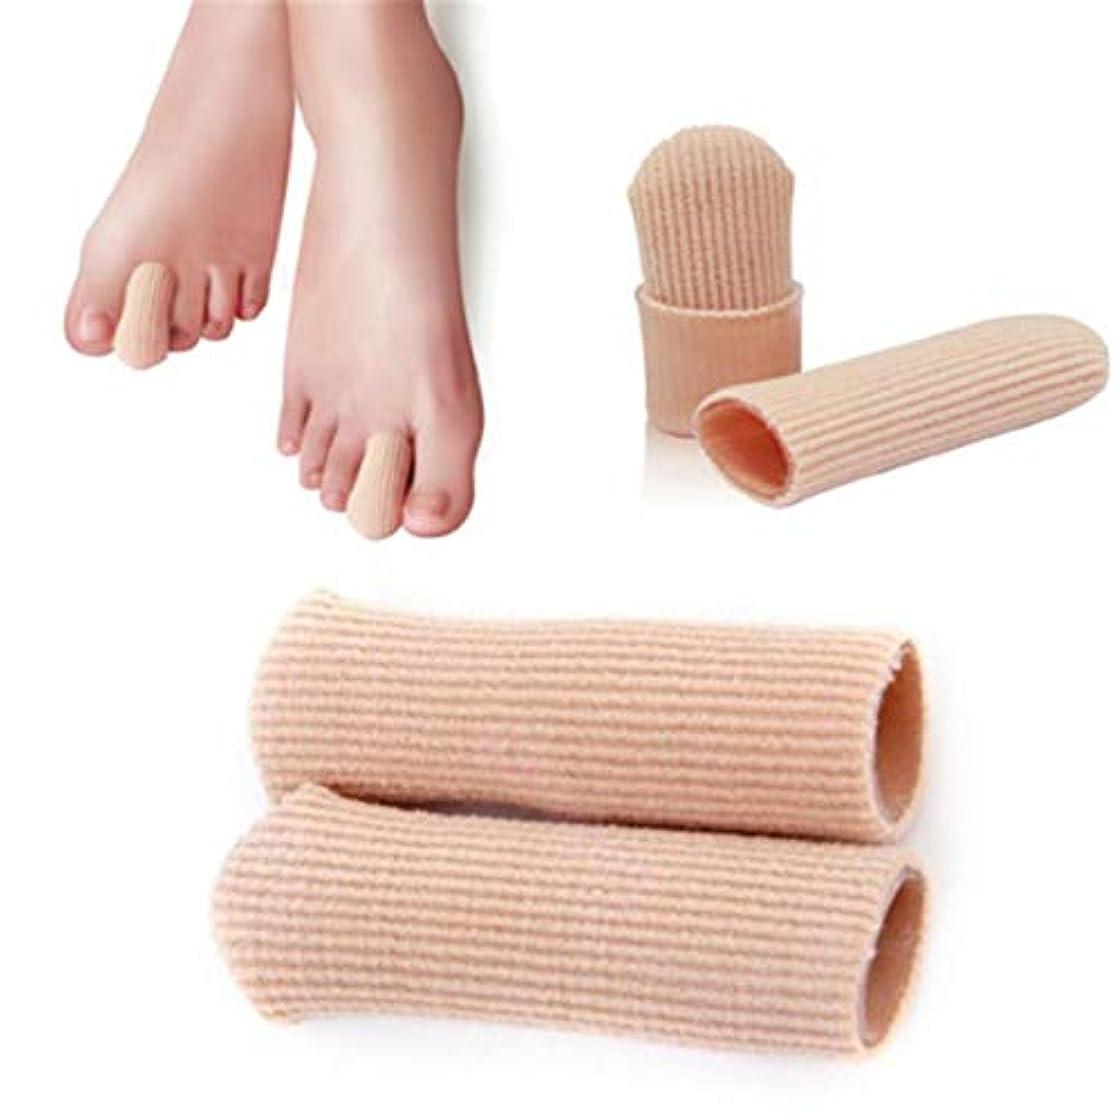 ほんの滑るリングB-035 SEBS Toe Tube Toe Caps Toe Cushions Foot Corns Remover Finger Toe Protect Body Massager Insoles Health Care